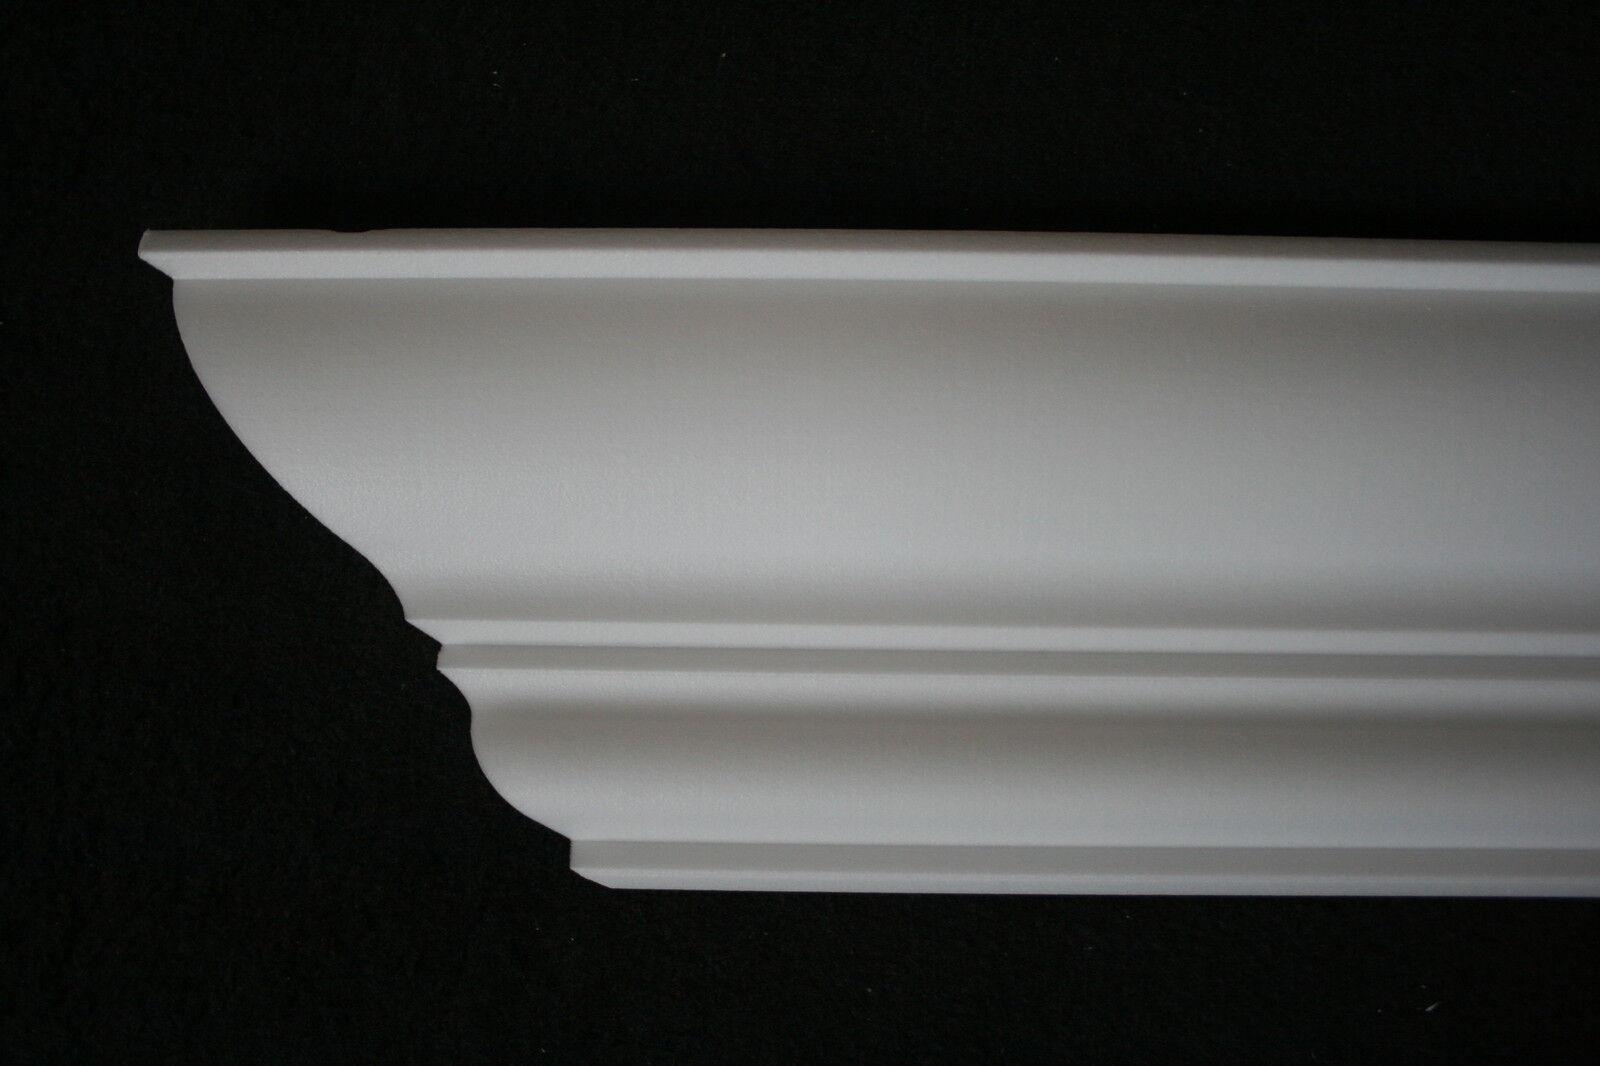 20m gro e styroporleisten stuckleisten zierprofile zierleisten dekorprofile k01 eur 72 40. Black Bedroom Furniture Sets. Home Design Ideas